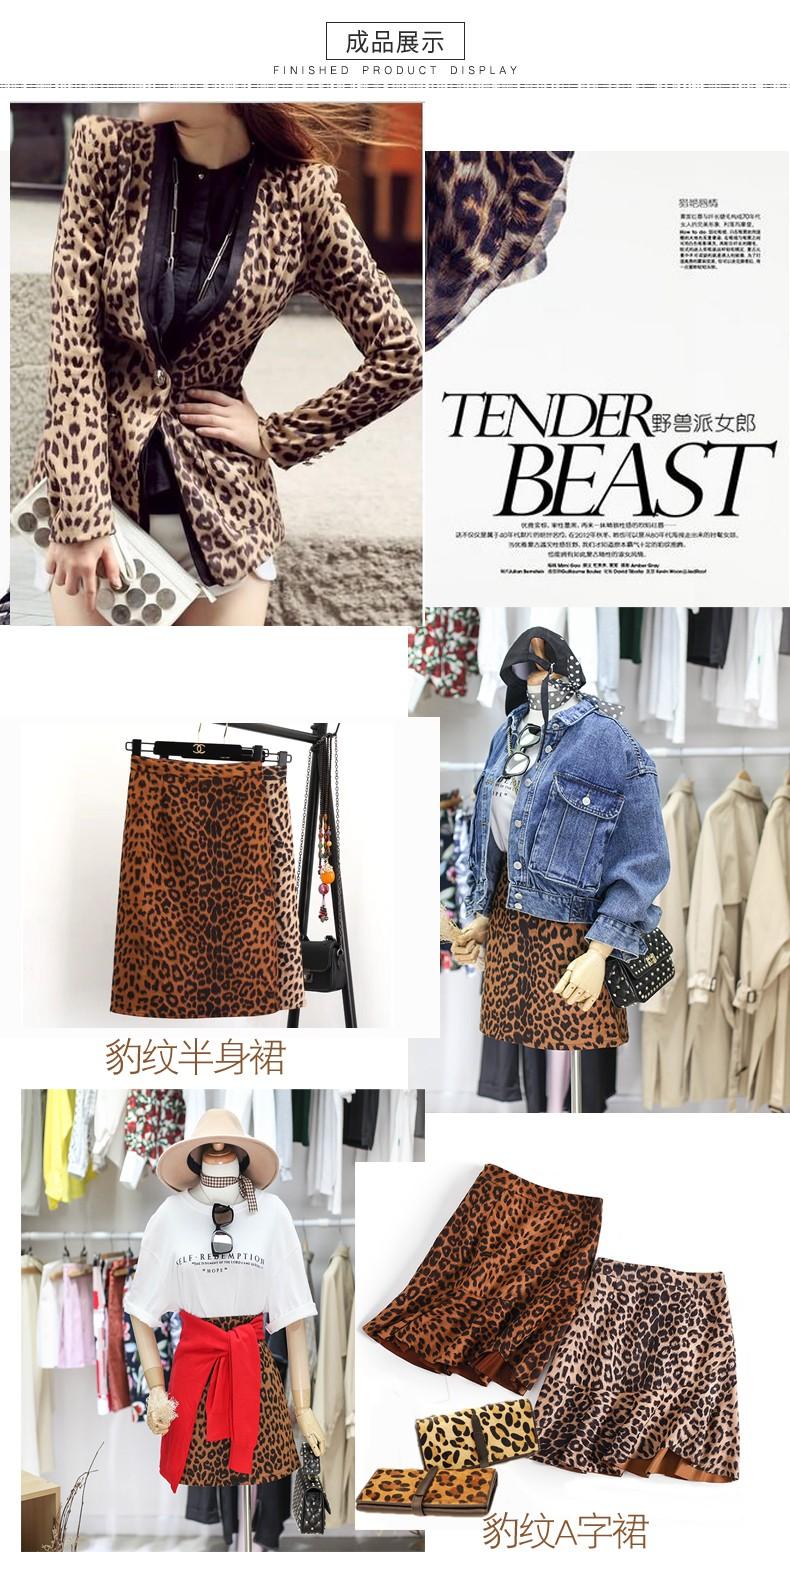 豹纹麂皮绒成品应用展示